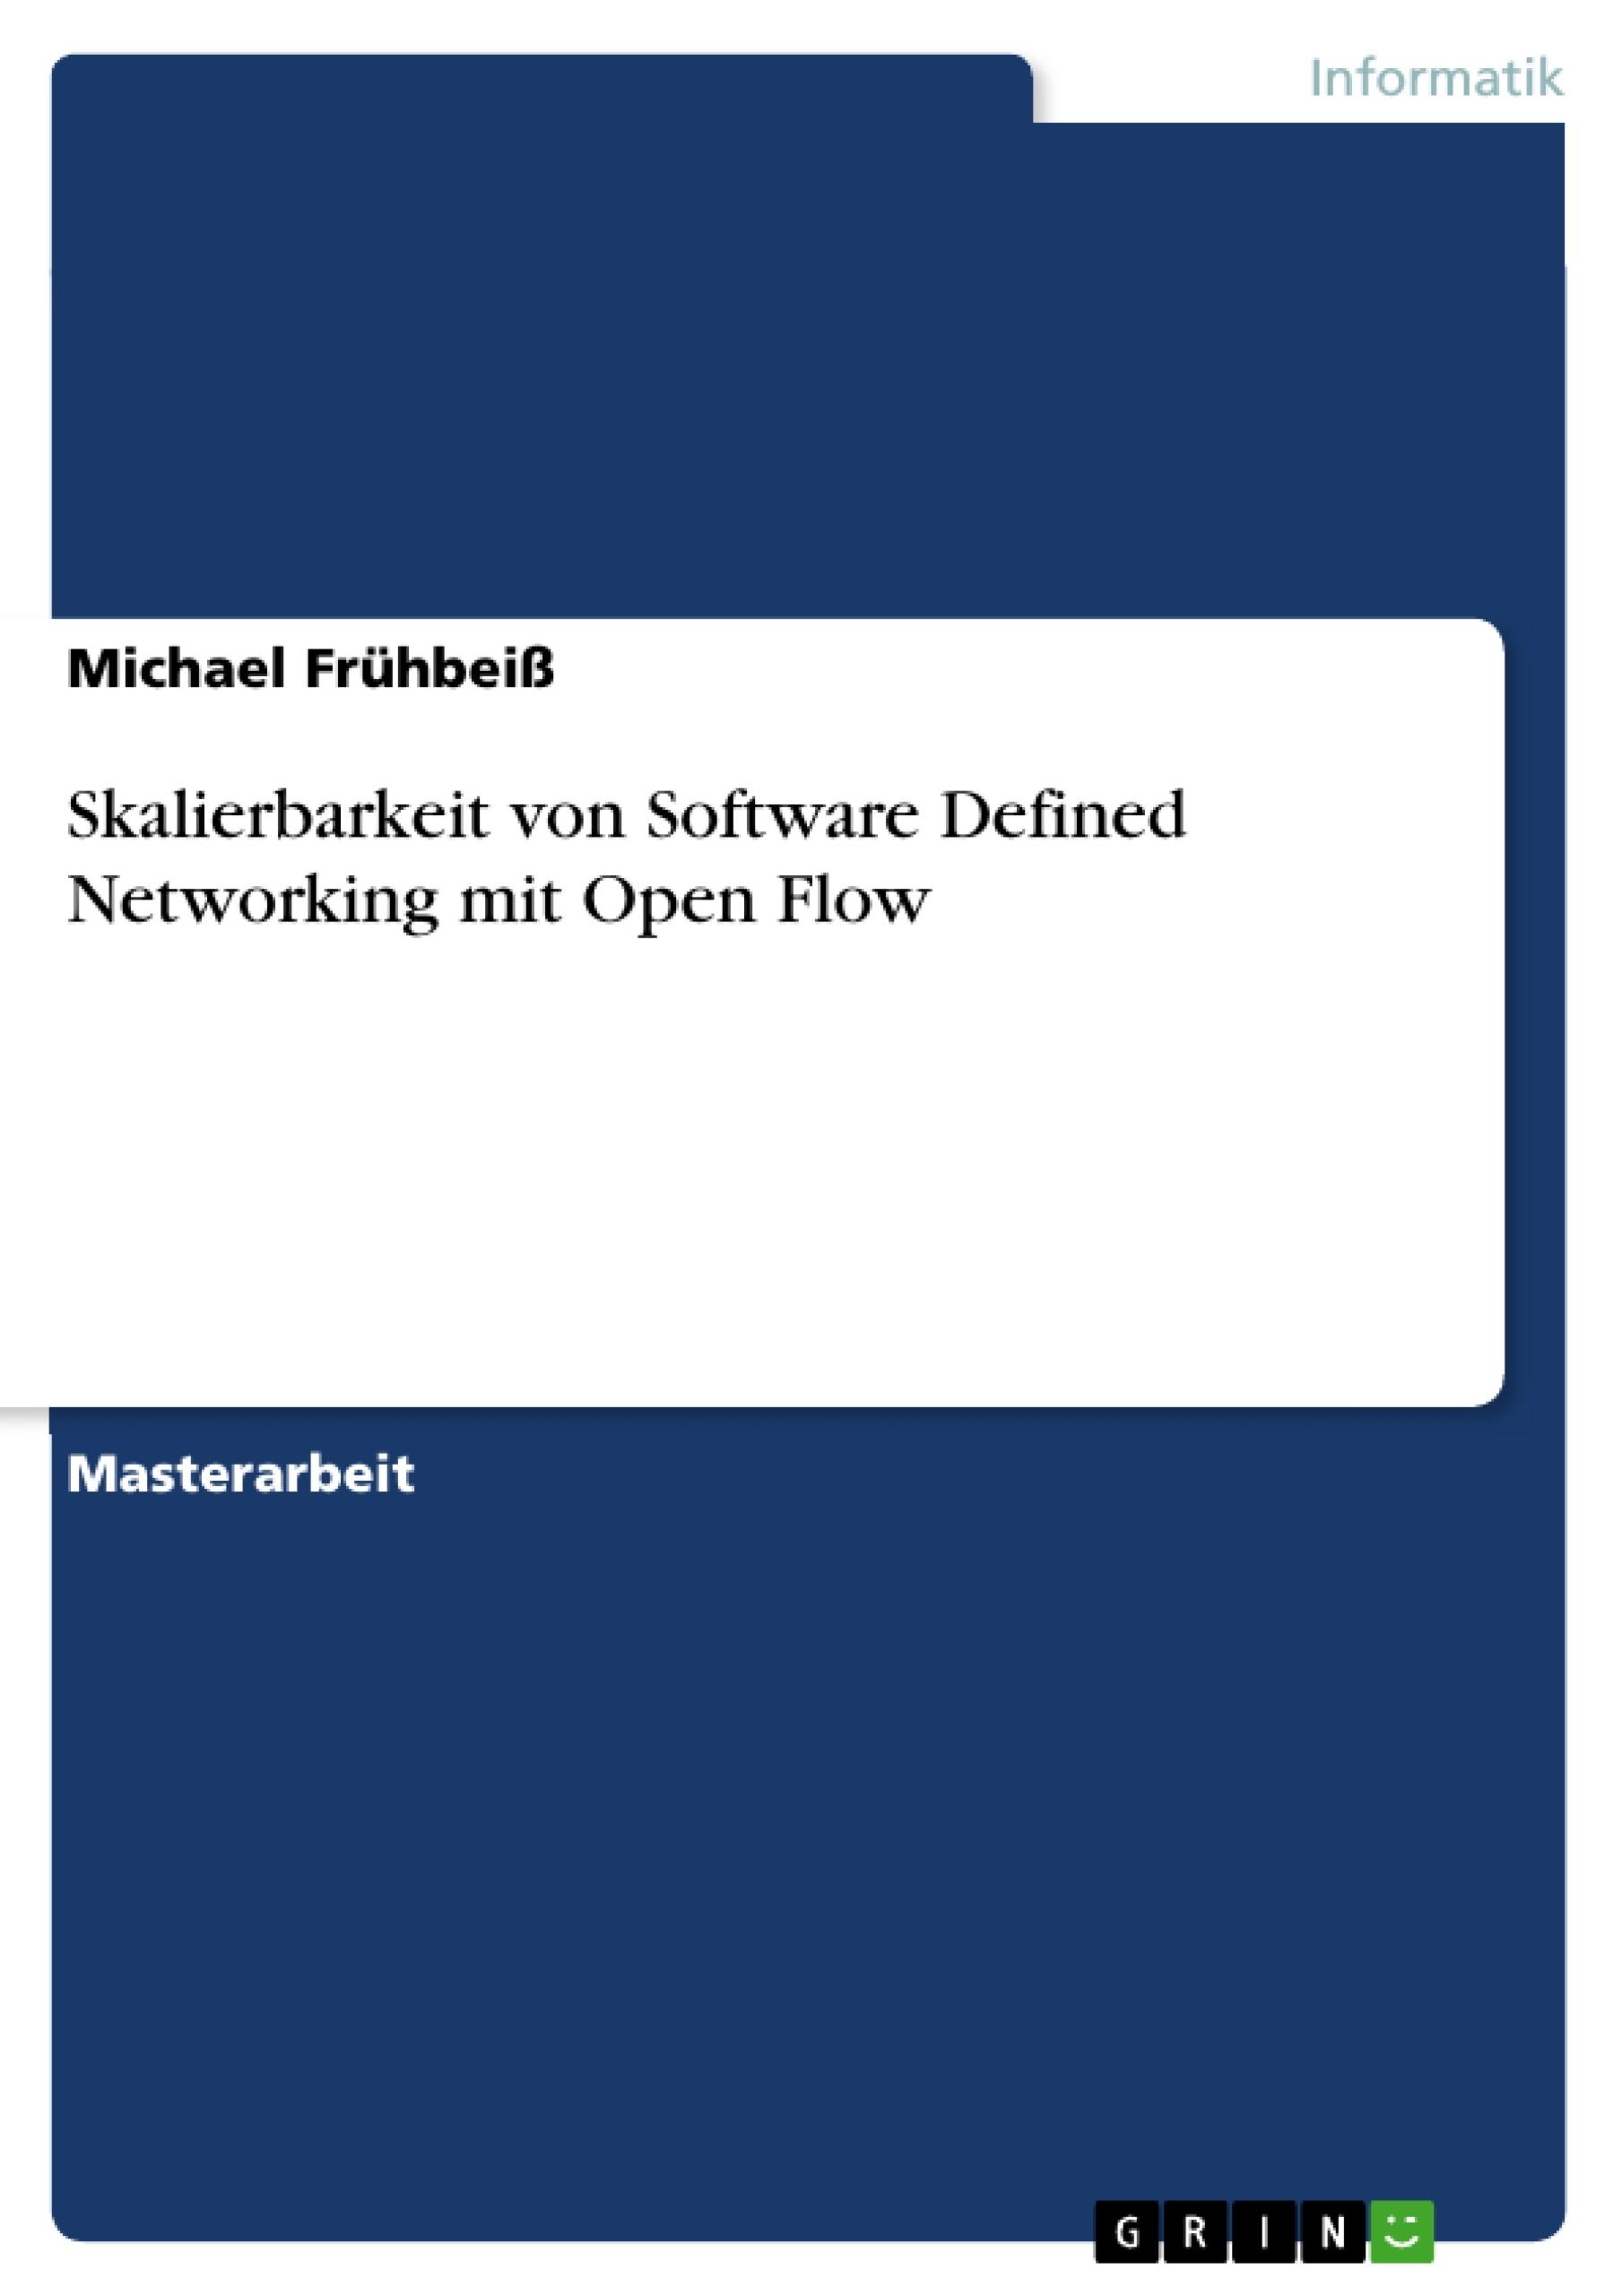 Titel: Skalierbarkeit von Software Defined Networking mit Open Flow